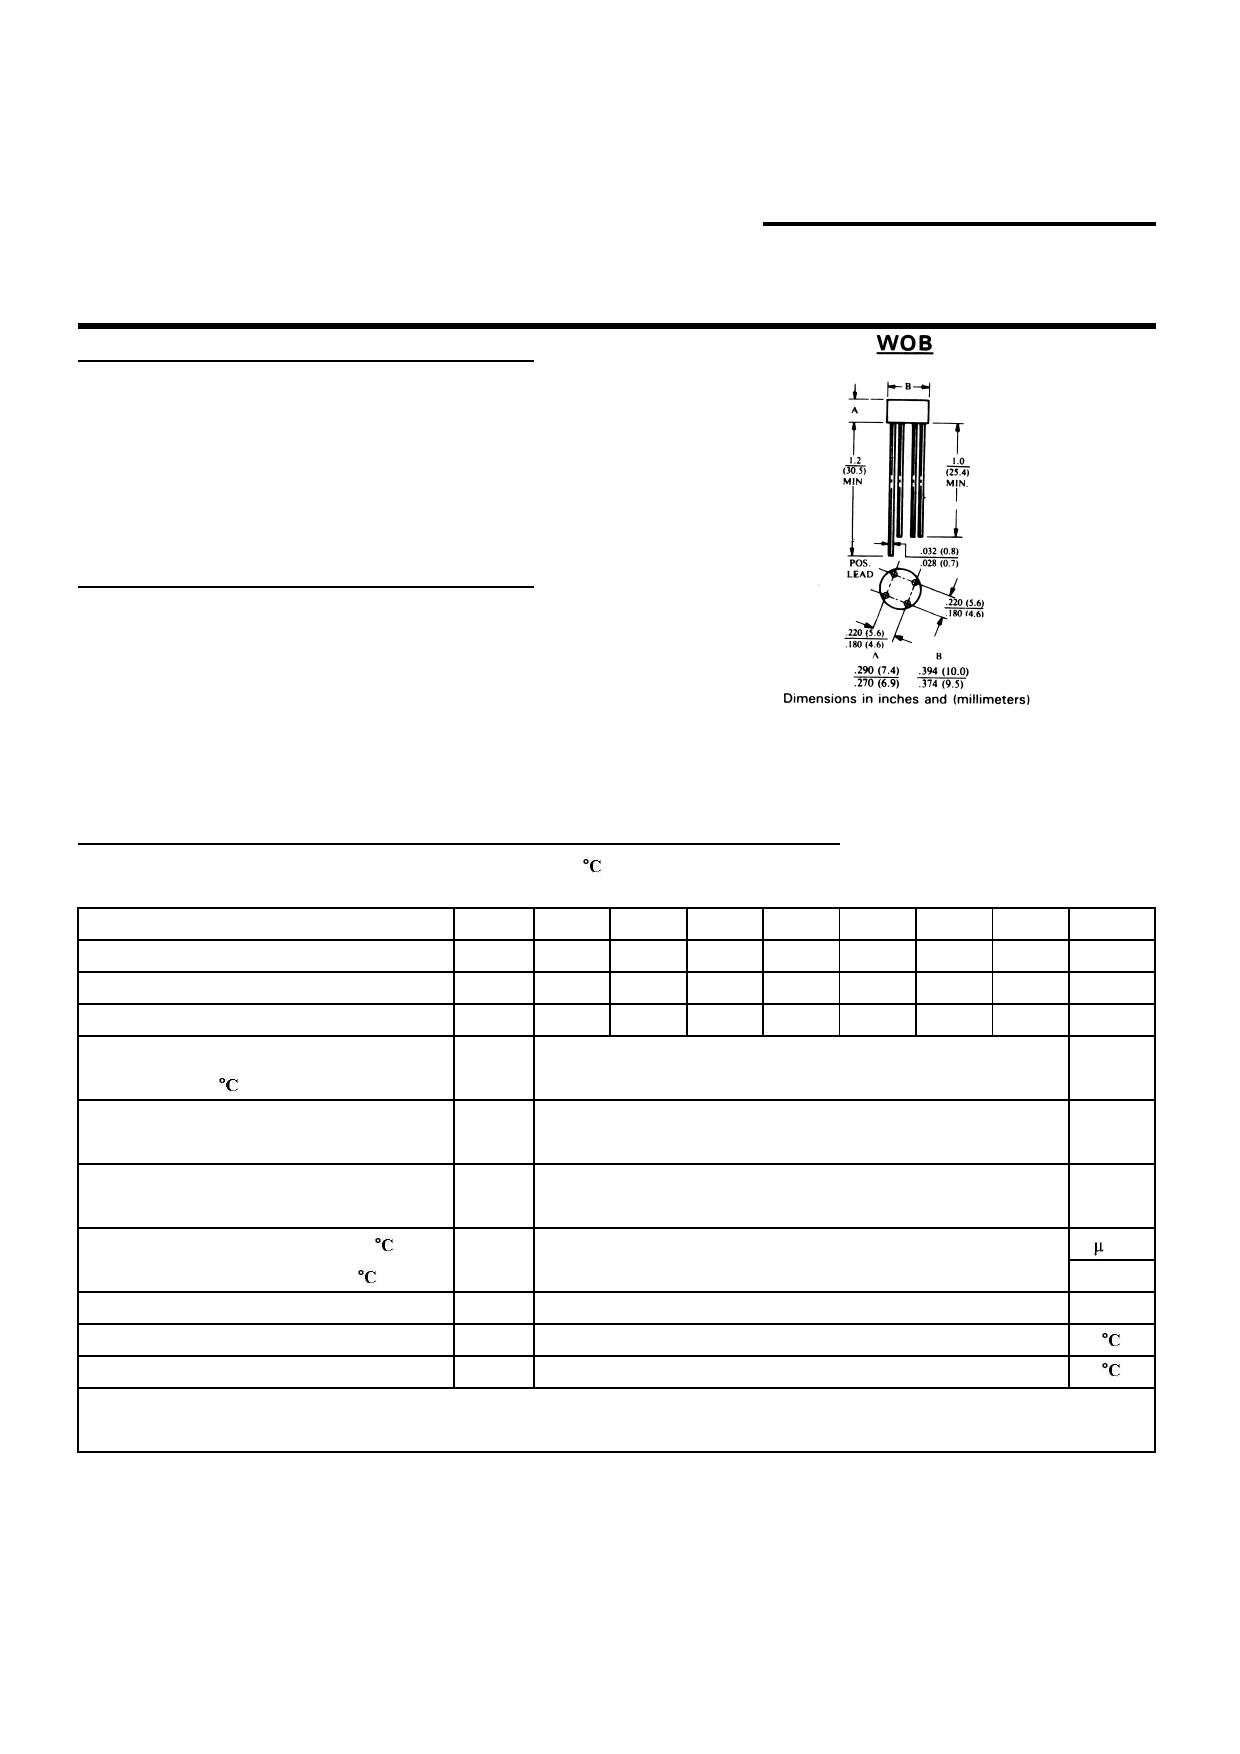 W01G datasheet